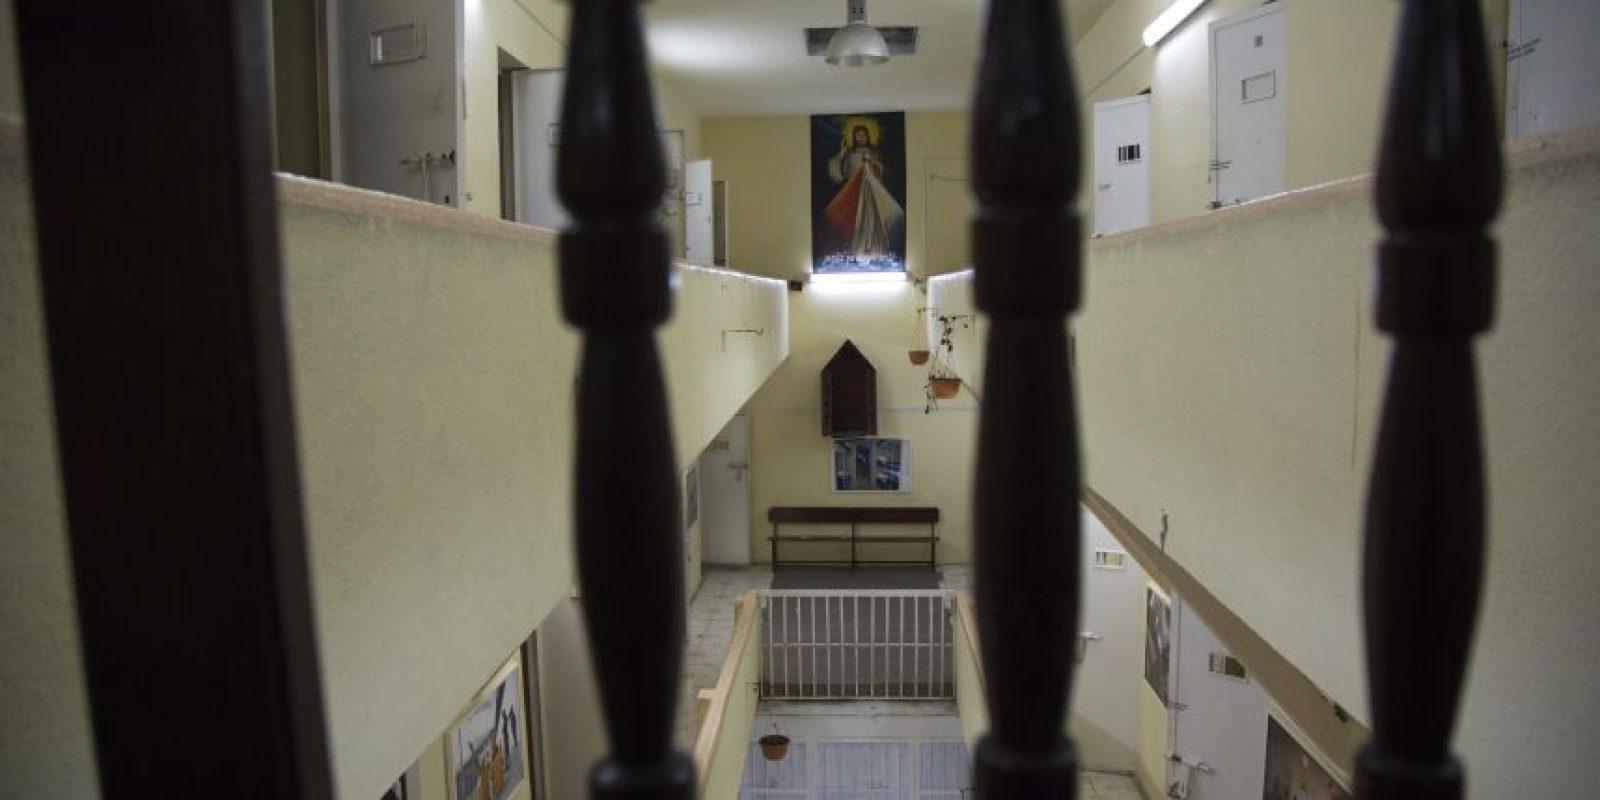 En esta imagen del 14 de abril de 2015, un póster de Jesús colgado en la ahora vacía prisión García Moreno, durante una visita guiada para el público en Quito, Ecuador. Después de que los presos fueran transferidos a otros lugares en septiembre, los guías empezaron a ofrecer visitas de 30 minutos en las instalaciones, en las que los turistas pueden ver las celdas donde dormían los internos, así como las salas comunes. Foto:AP/ Dolores Ochoa